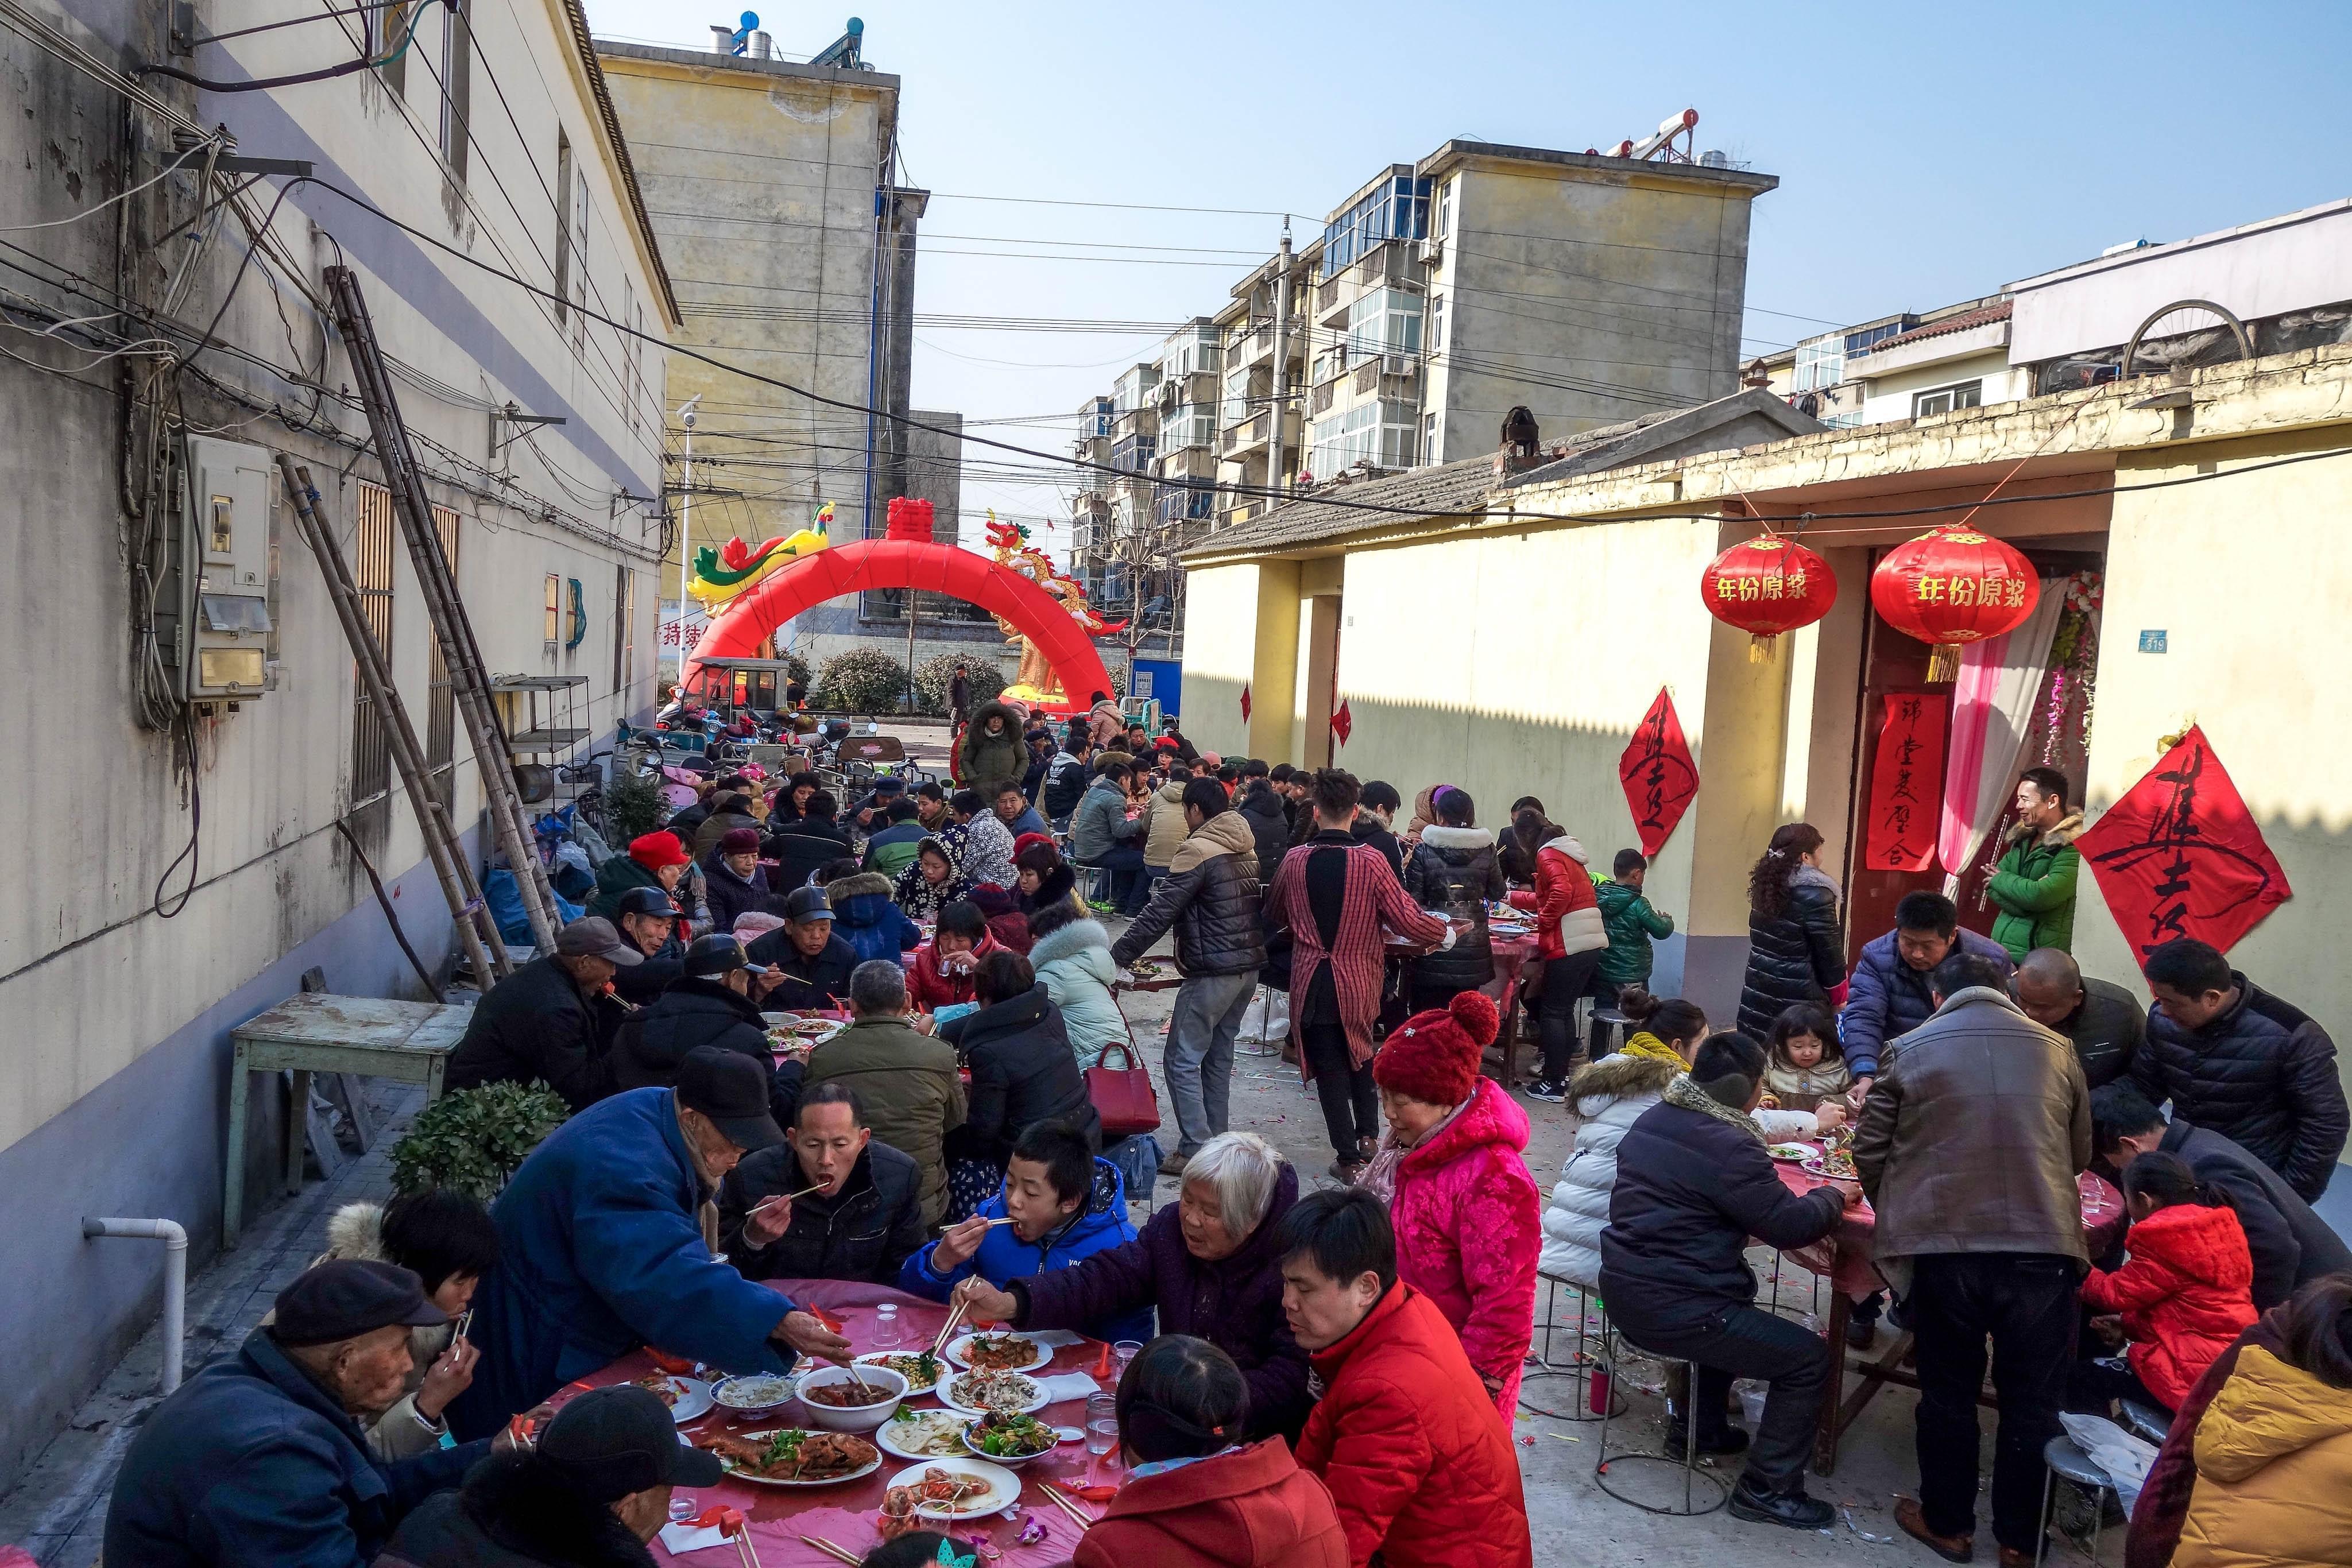 2017年1月23日,安徽省淮北市,农村露天办大席现场。/视觉中国